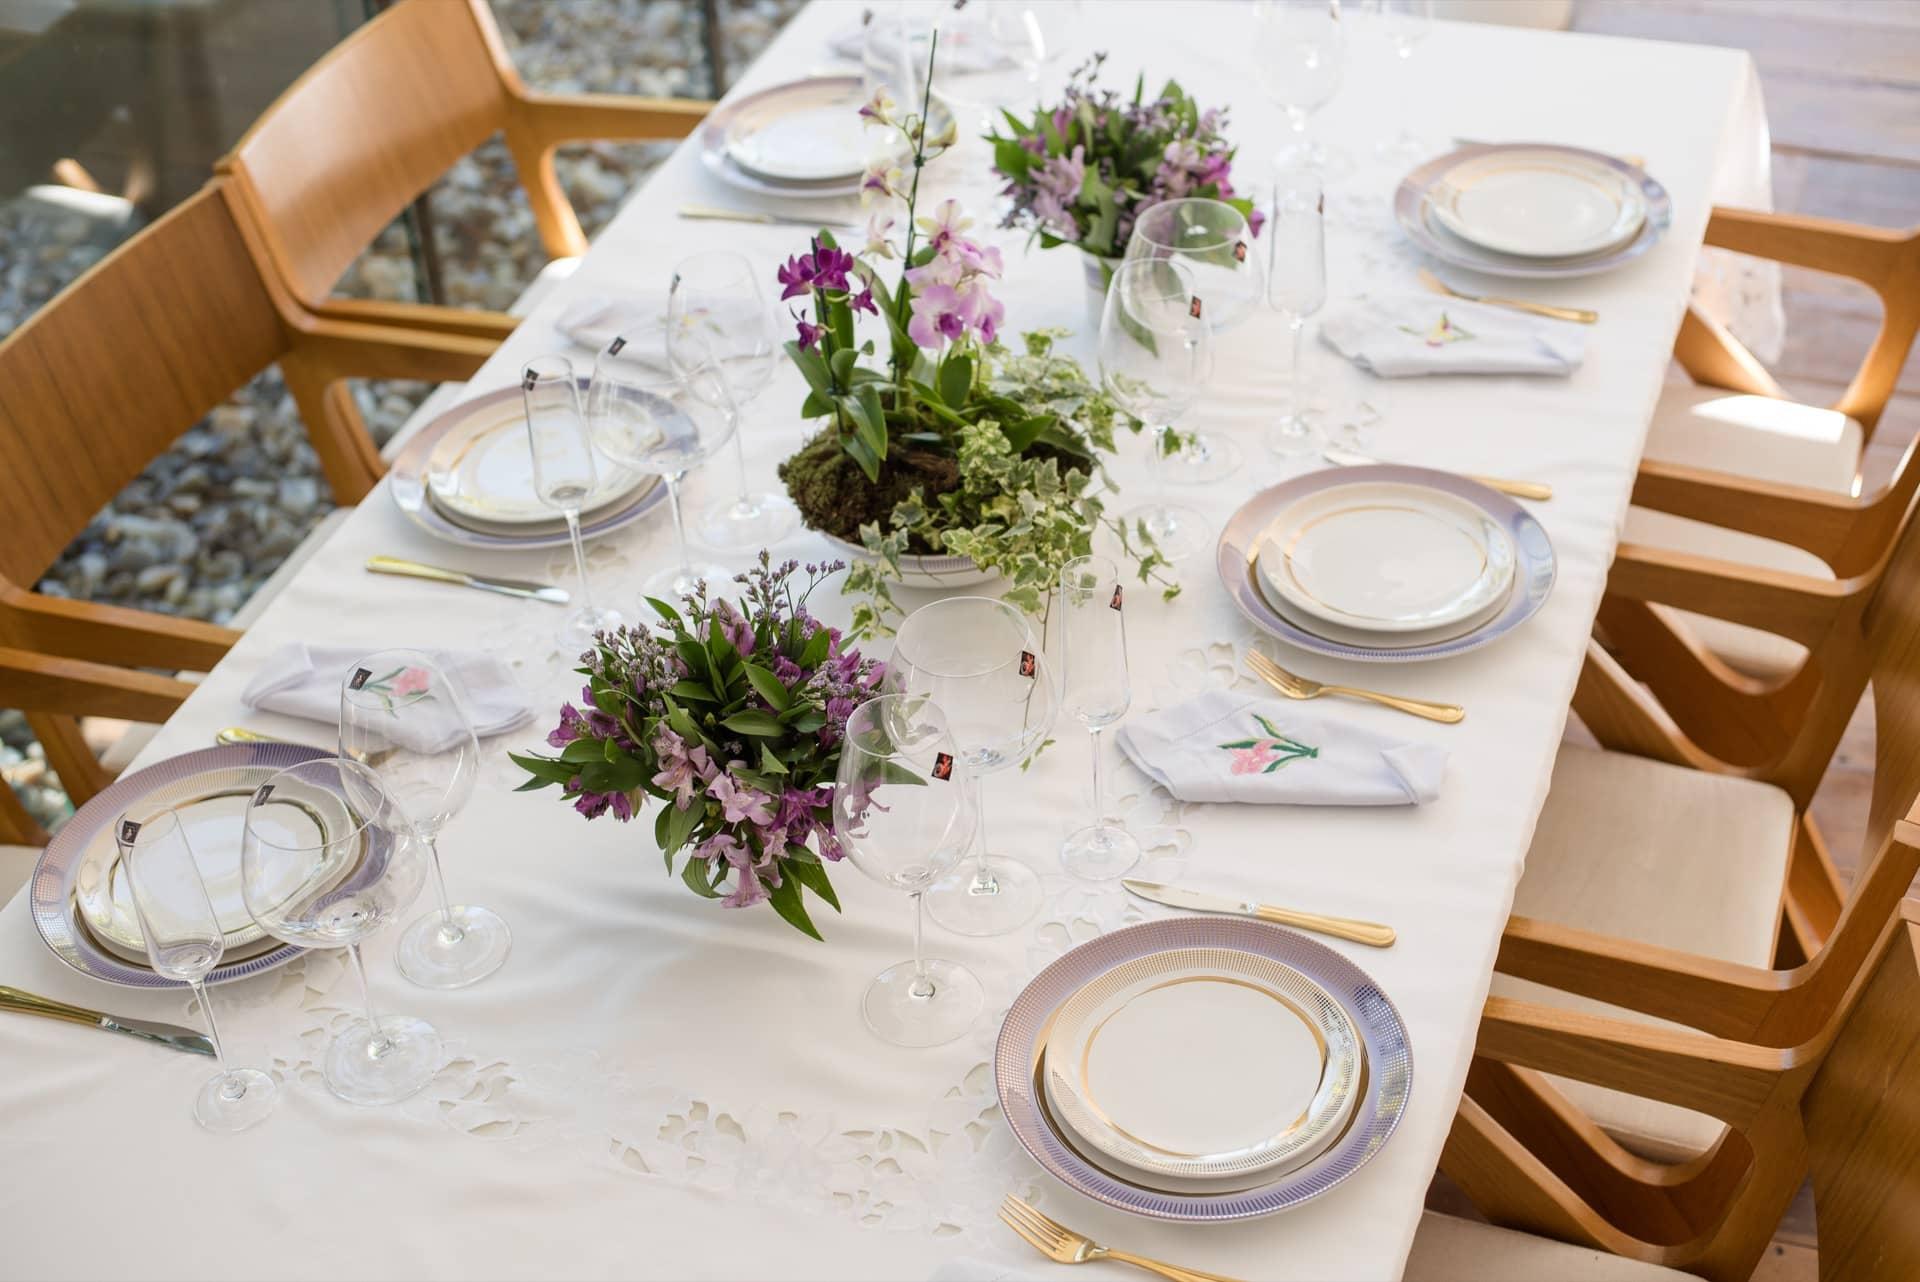 Imagem: Para compor uma mesa decorada para o Dia das Mães com estilo mais formal, use uma toalha de linho num tom claro. Aqui, nossa sugestão é uma toalha bordada. Foto: Karla Rudnick.